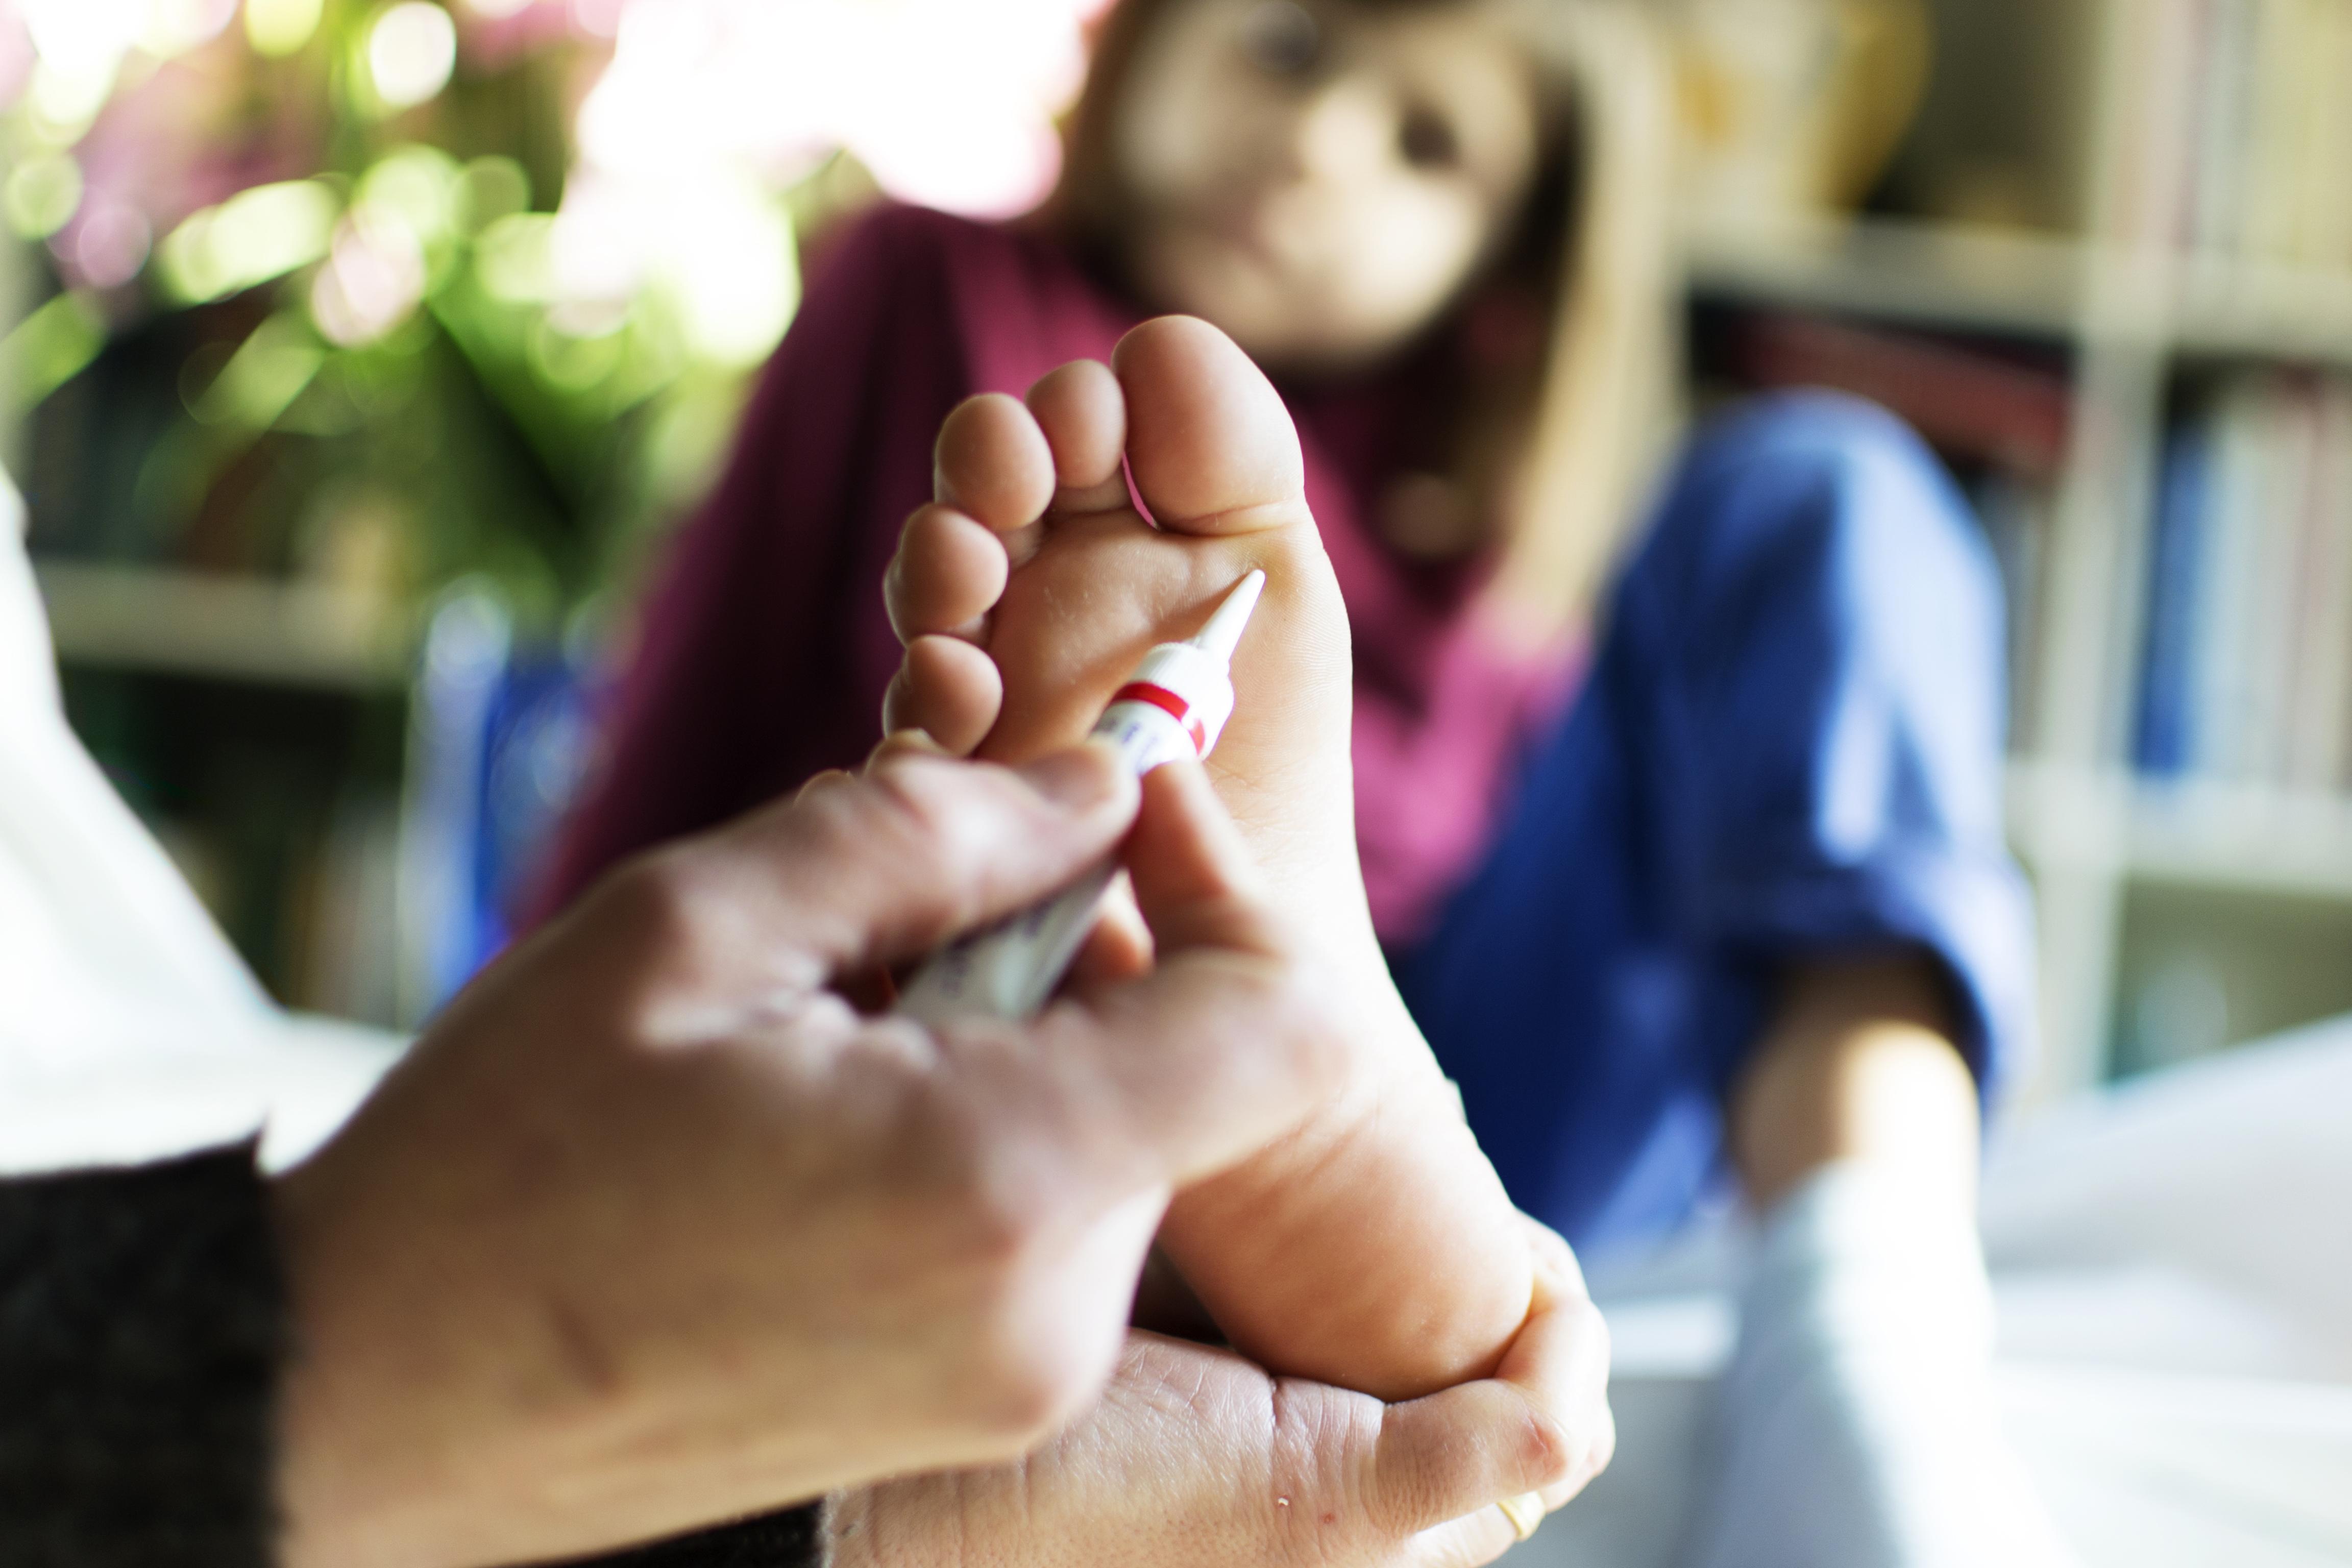 szemölcsök kezelése bőrgyógyász hpv bőrrel való érintkezés